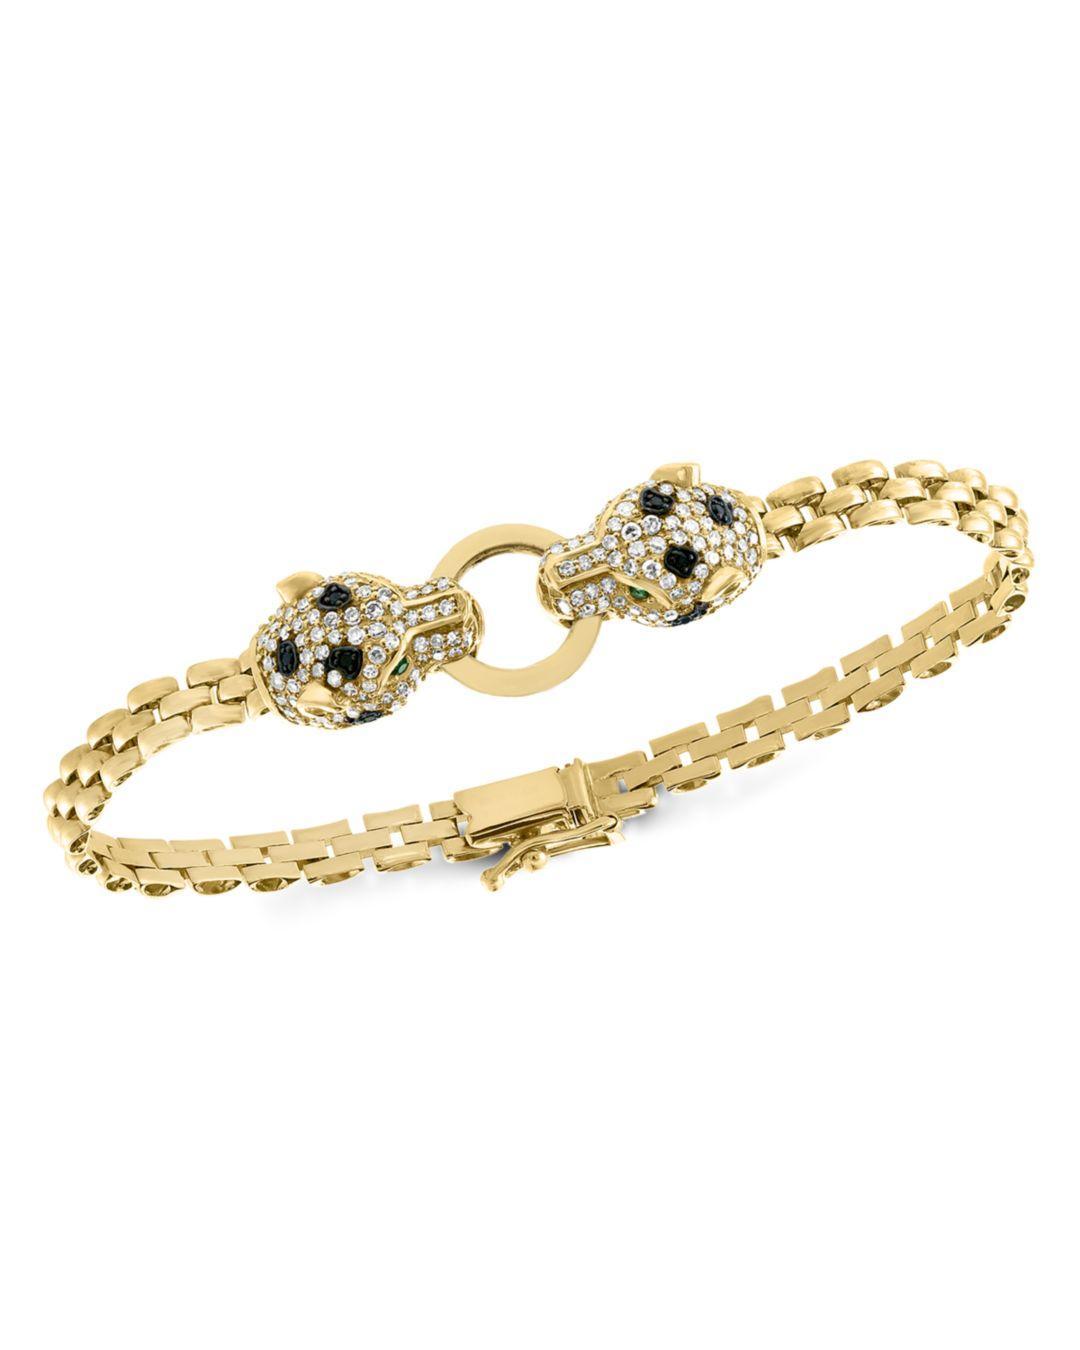 c3bb06fb8 Bloomingdale's. Women's Metallic Black & White Diamond Panther Bracelet In  14k Yellow Gold